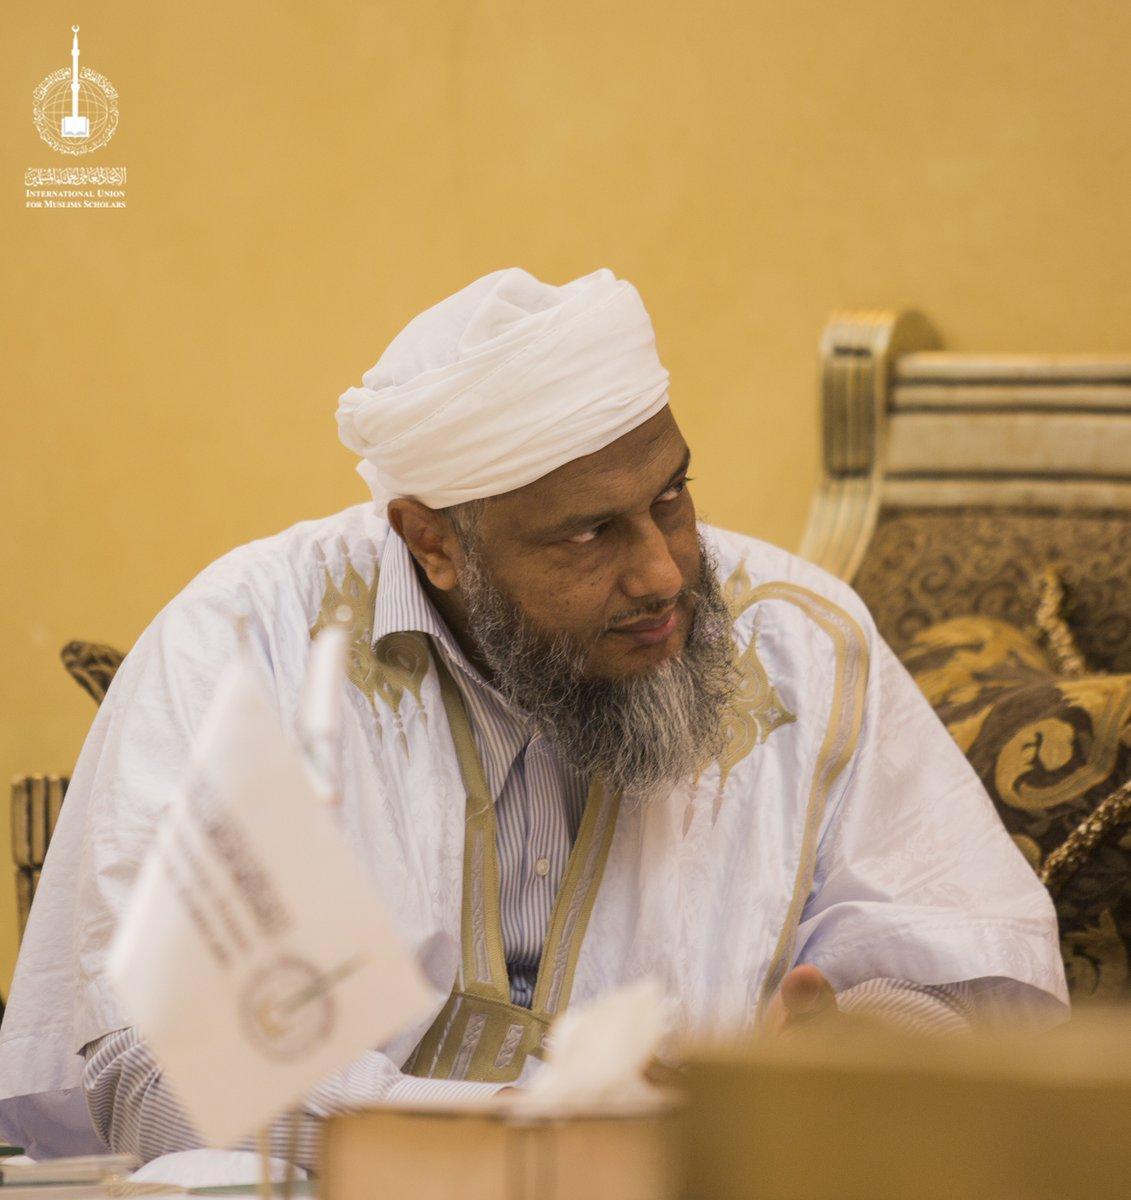 الددو يتحدث الإساءات الموجهة ضد العلماء والدعاة وبعض الشعائر الإسلامية وصفقة القرن وموجة الاستعمار الجديدة